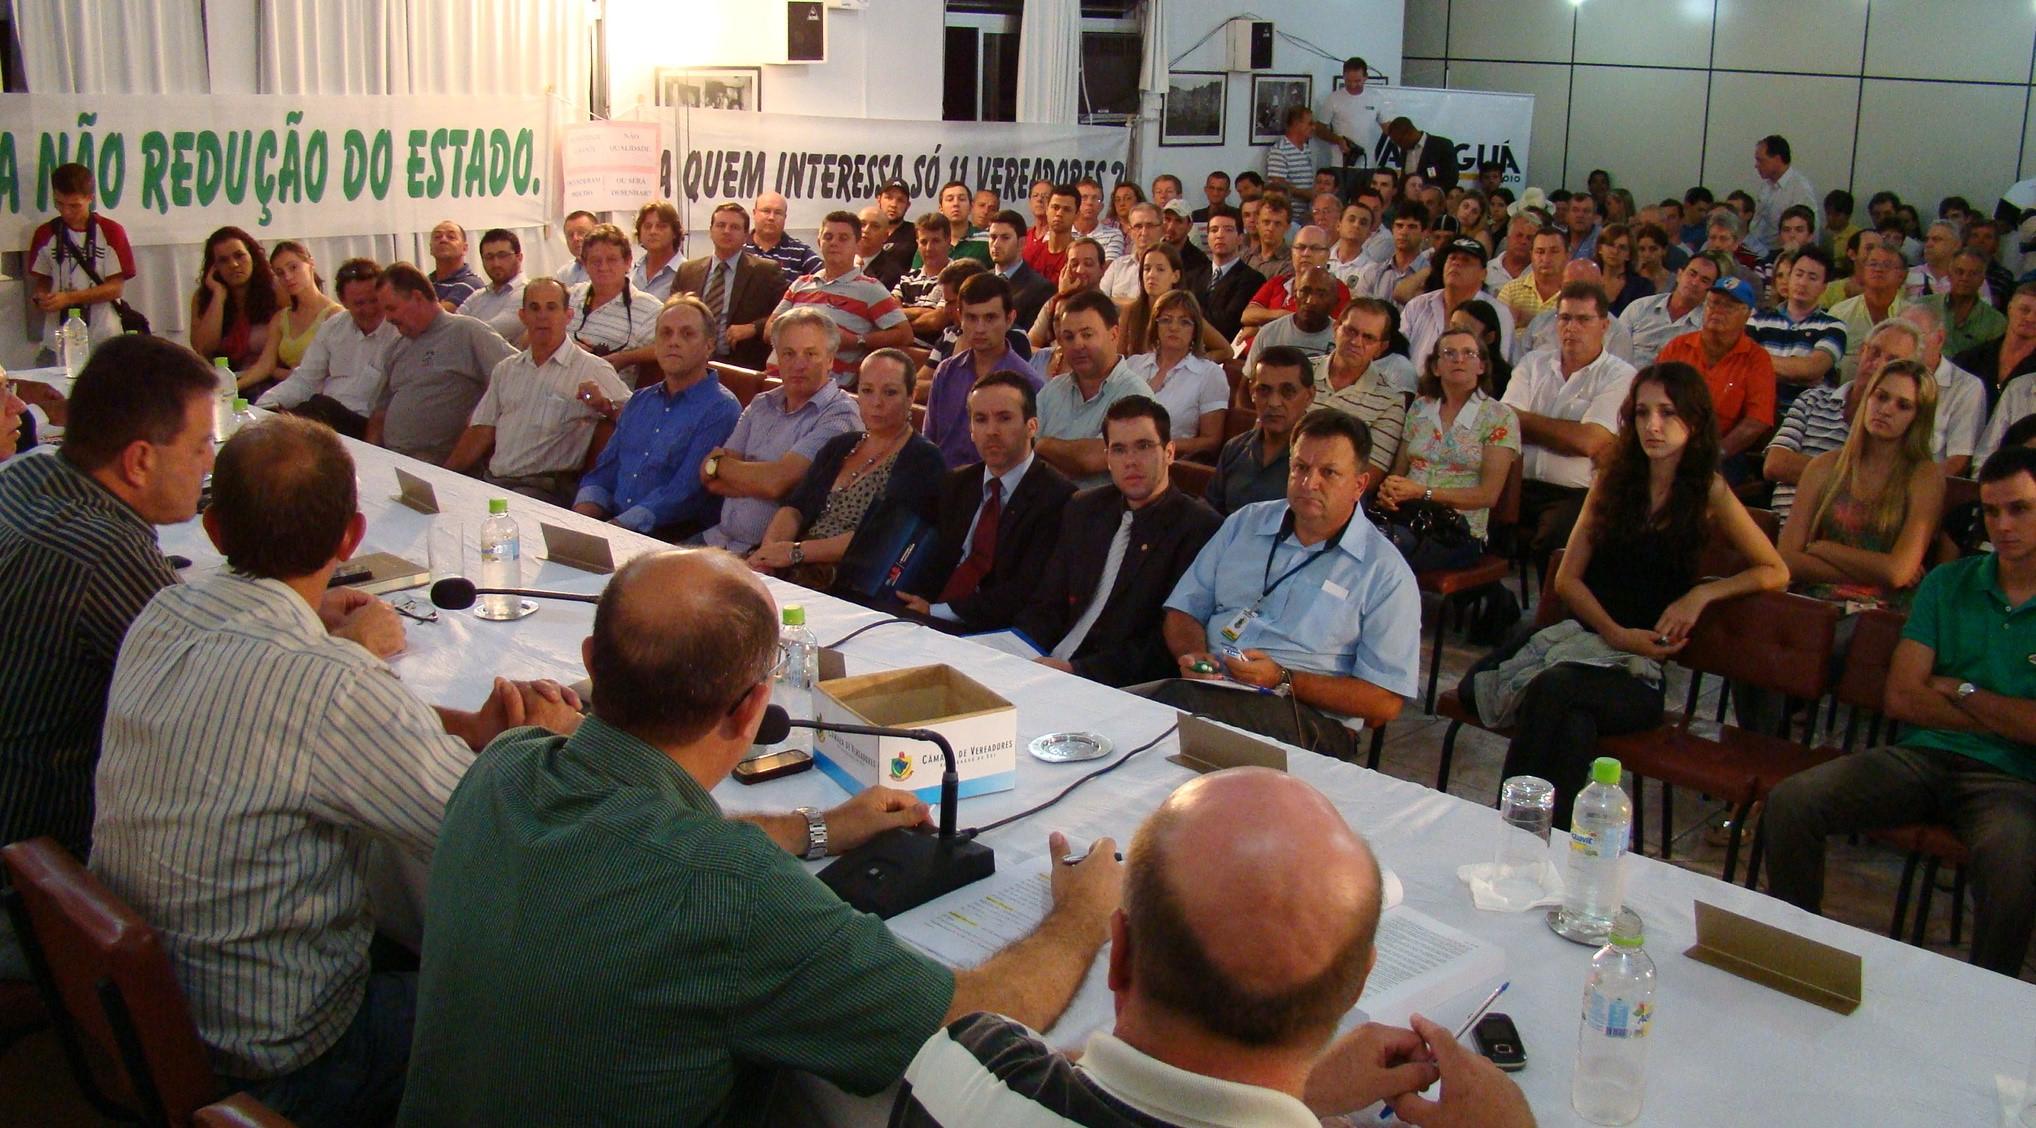 Evento foi realizado no auditório do Sindicato nas Indústrias do Vestuário